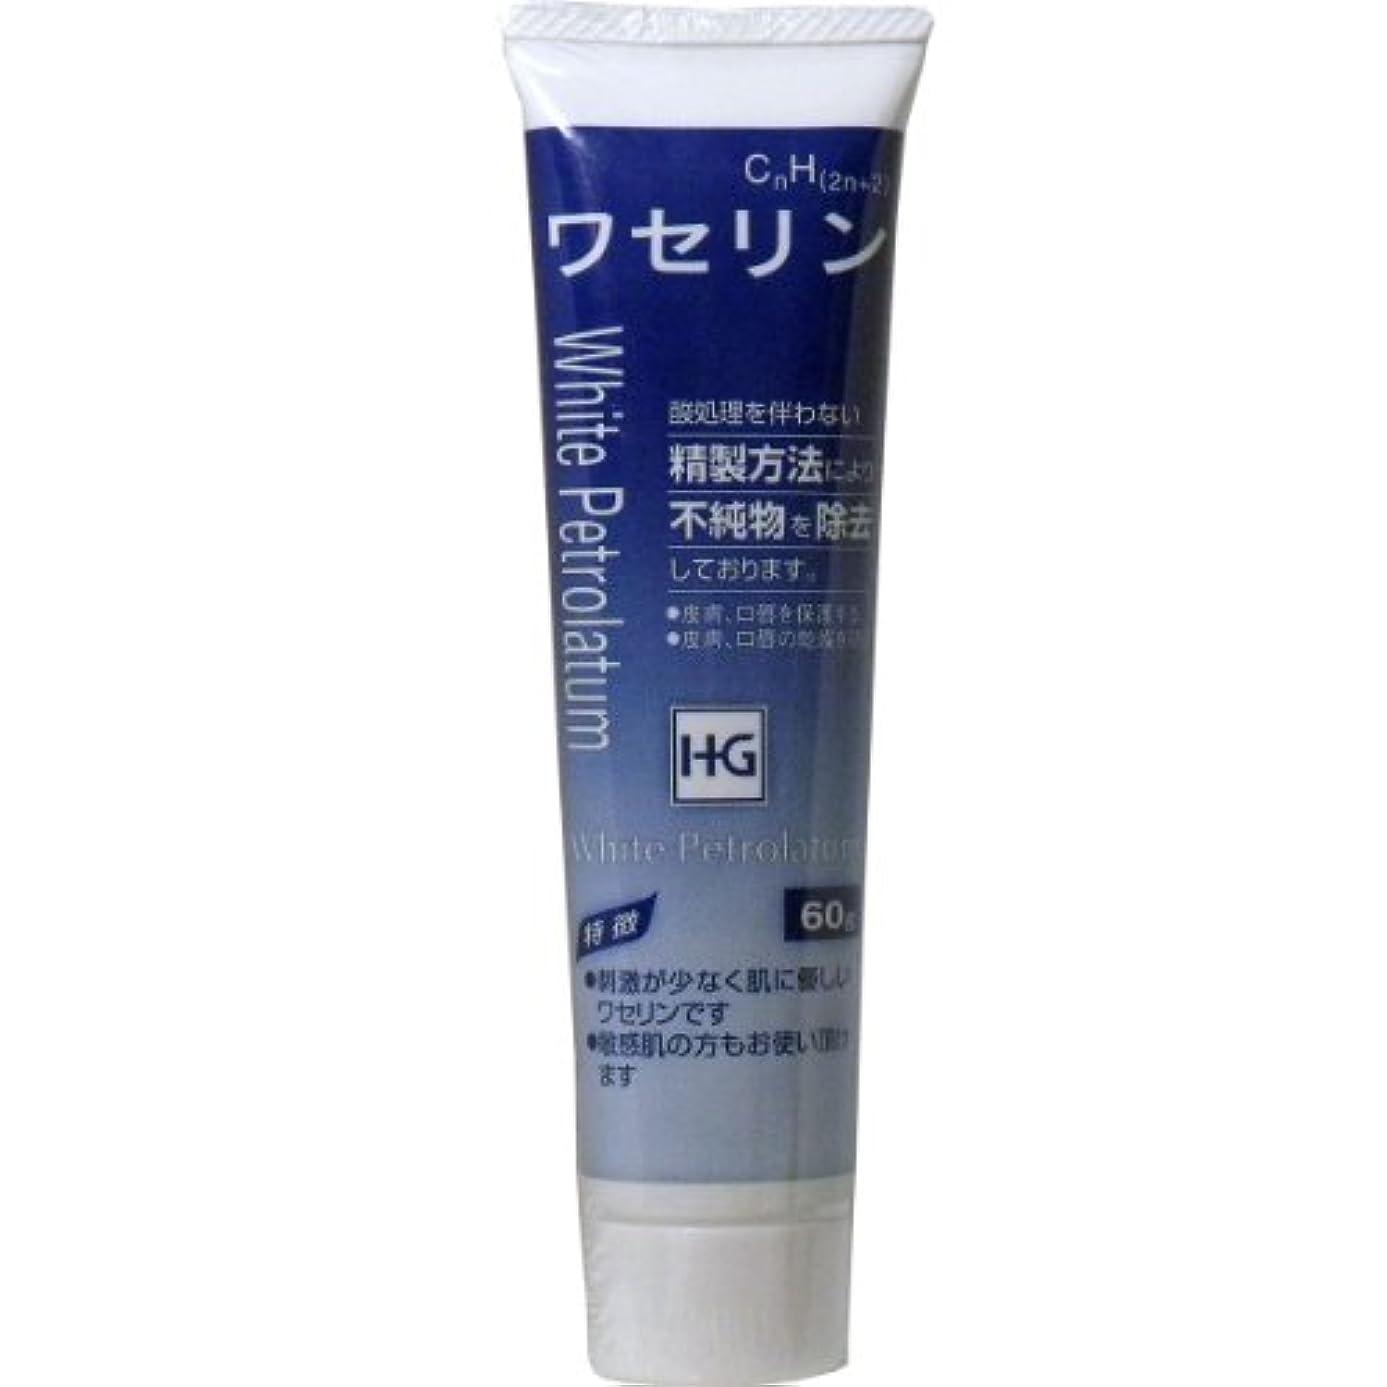 プロジェクターつまらない美徳皮膚保護 ワセリンHG チューブ 60g入 ×3個セット